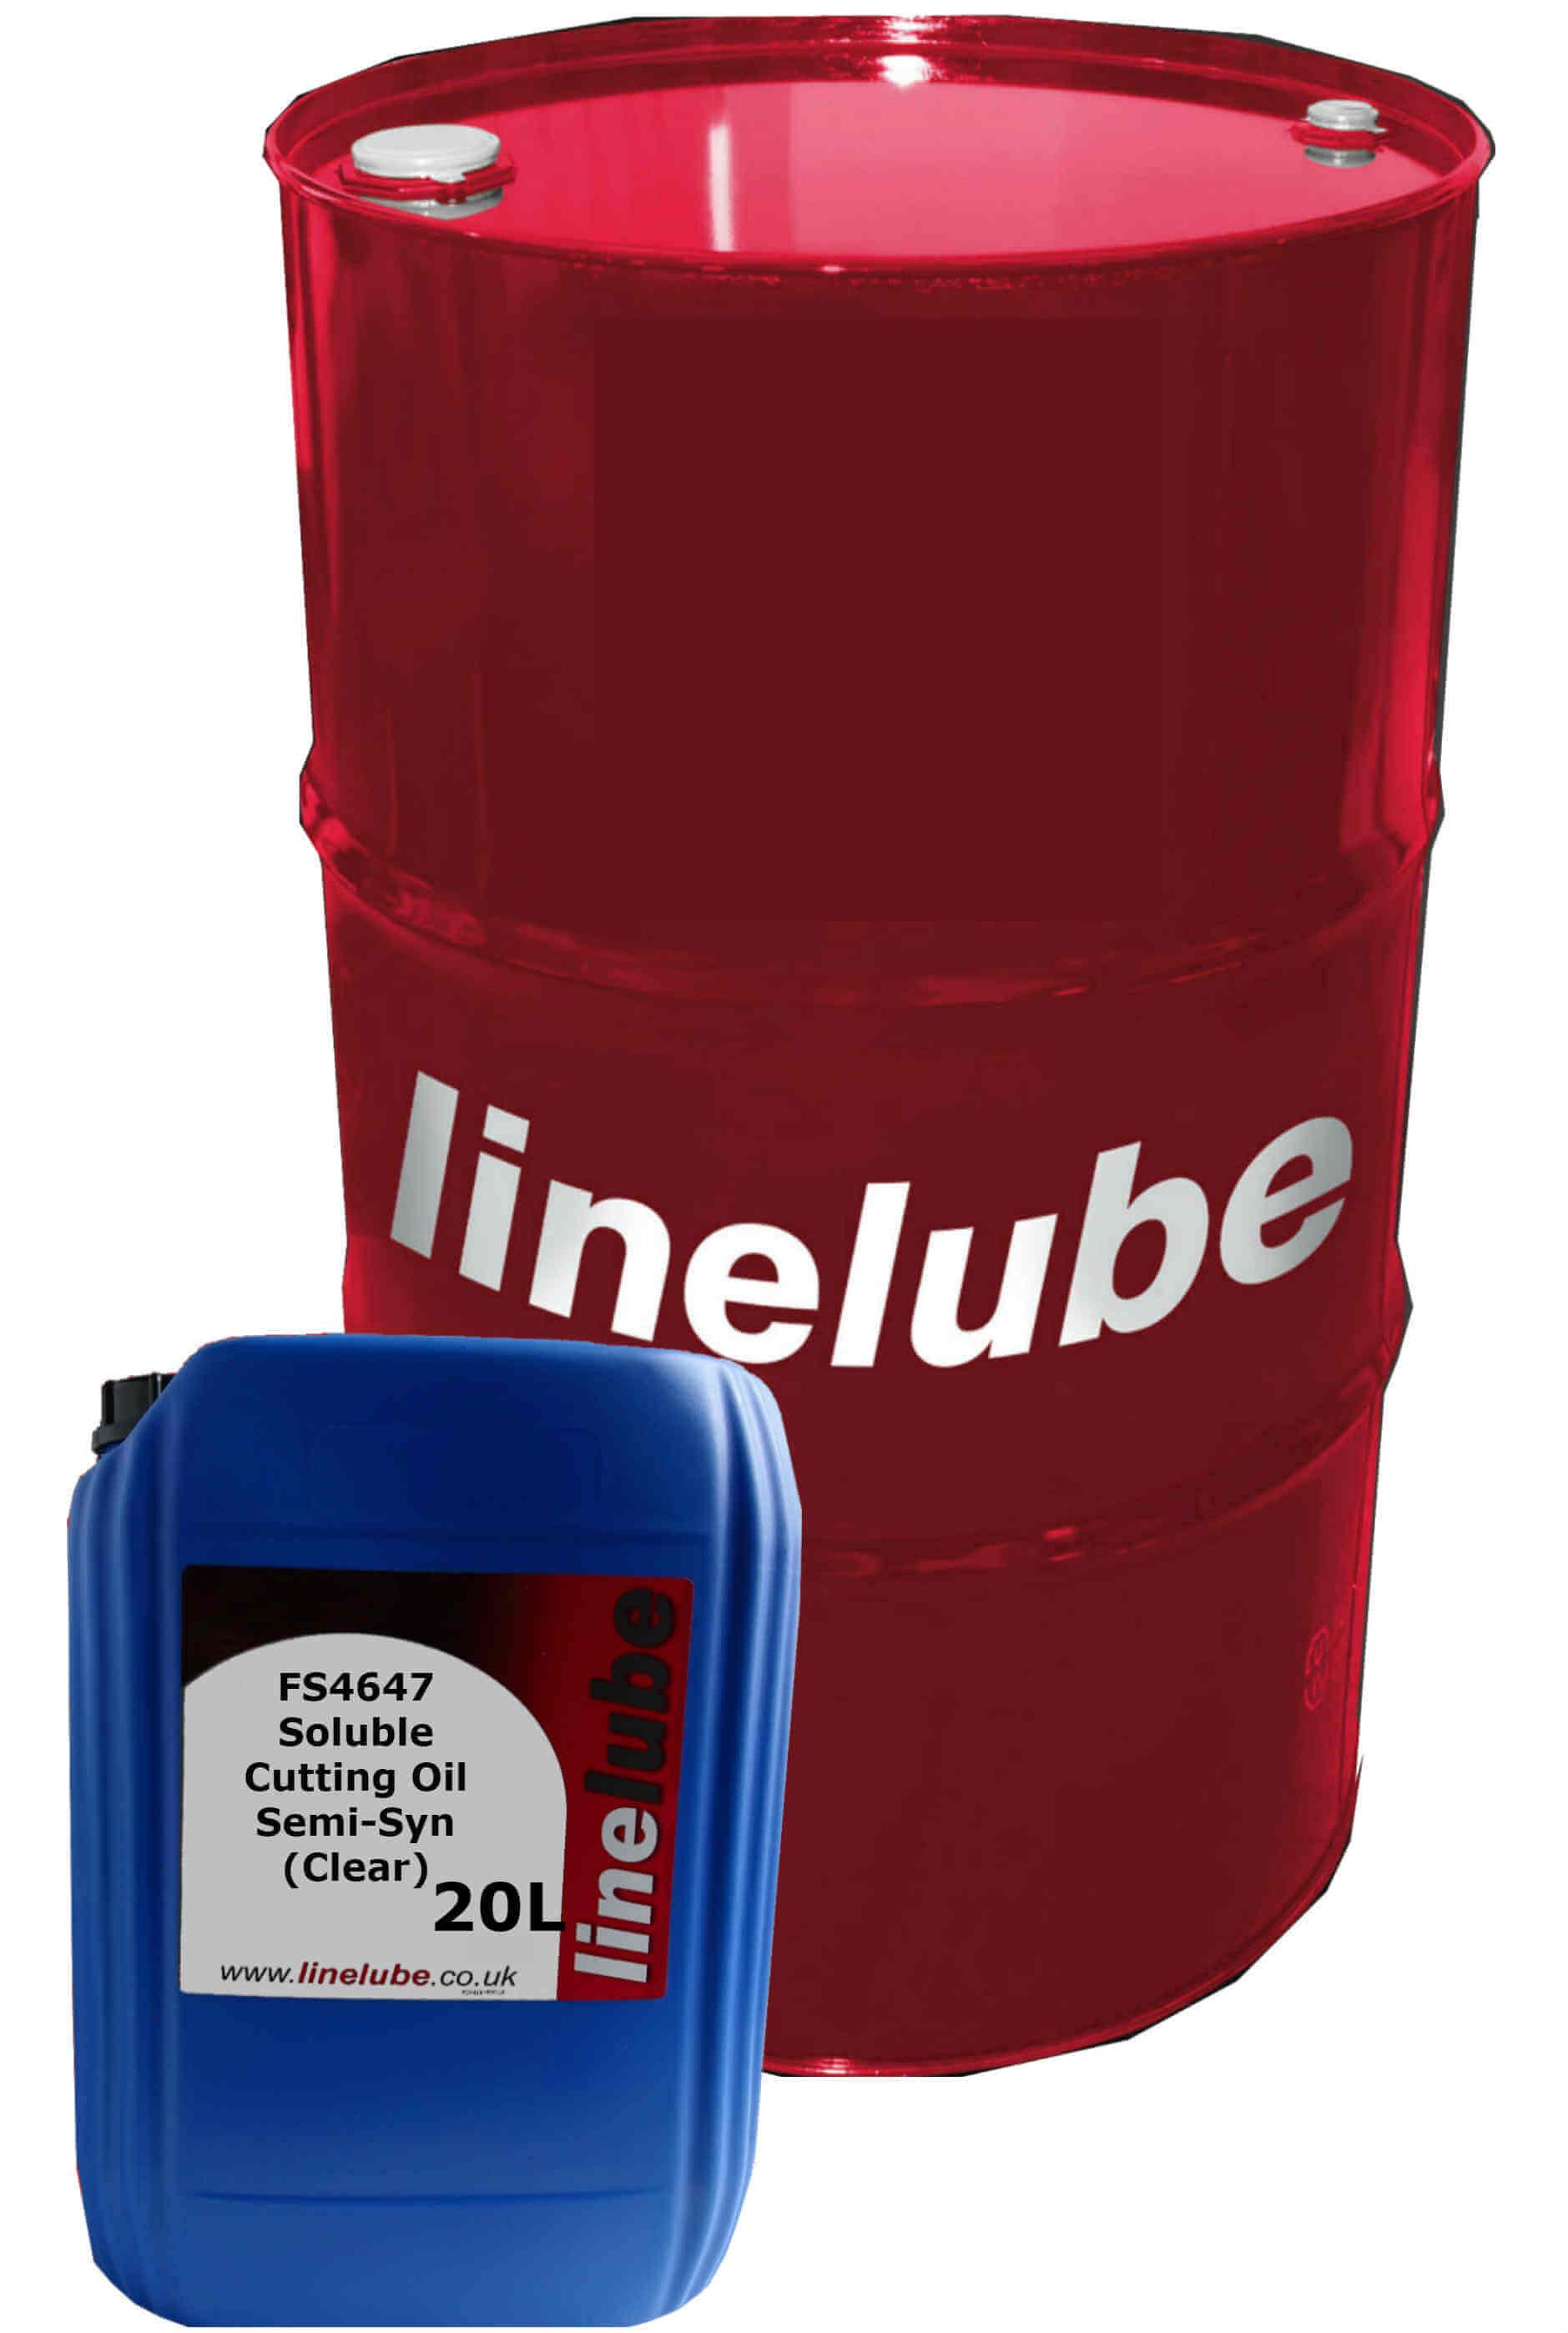 linelube FS4647 Soluble Cutting Oil Semi-Syn (Clear)